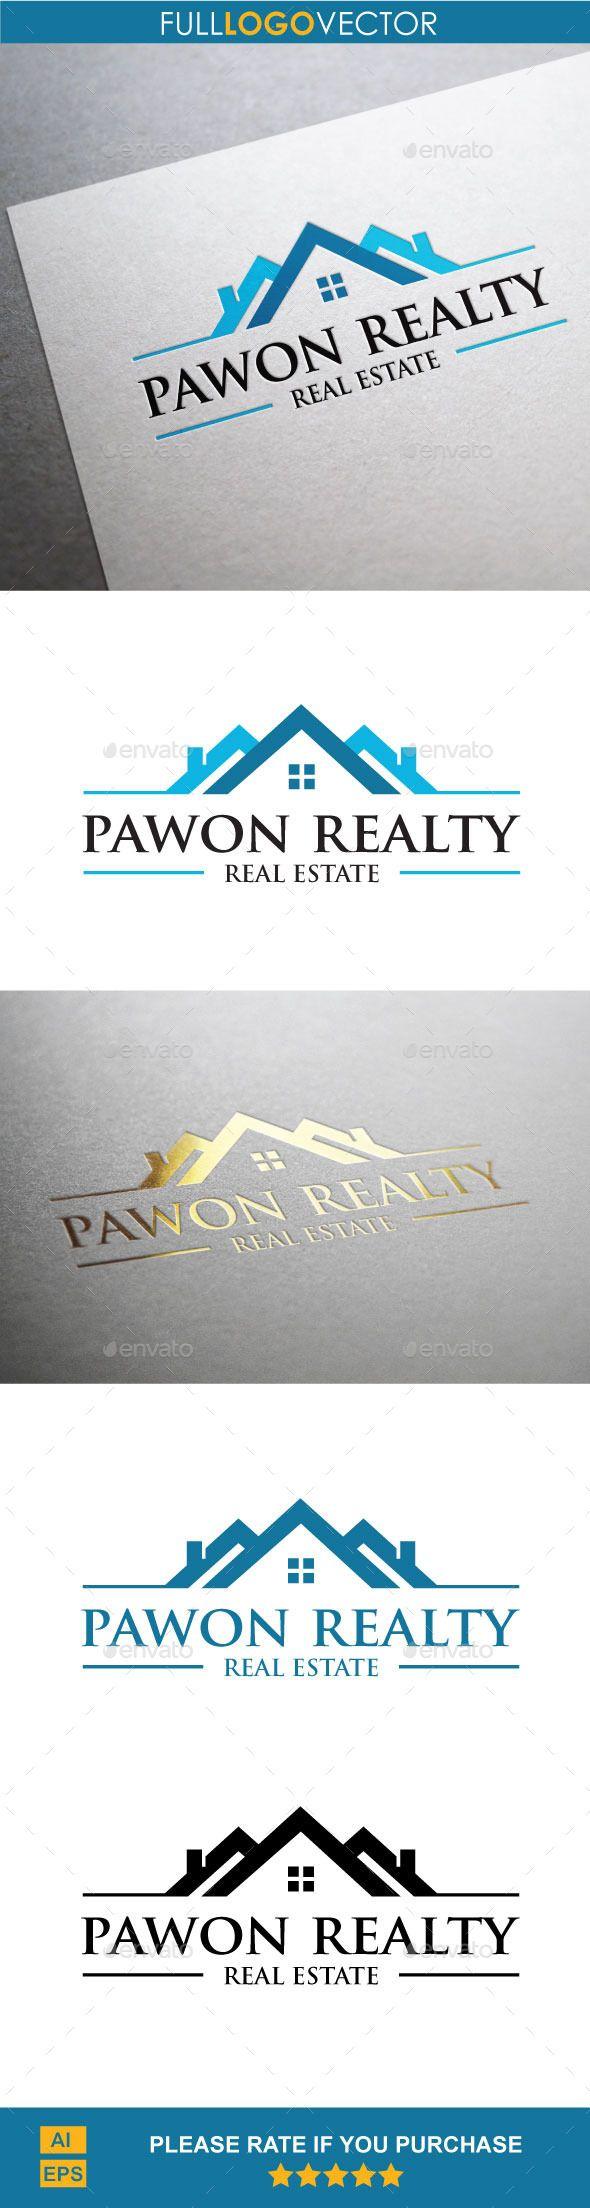 27 best eagle logo images on pinterest eagle logo eagles and